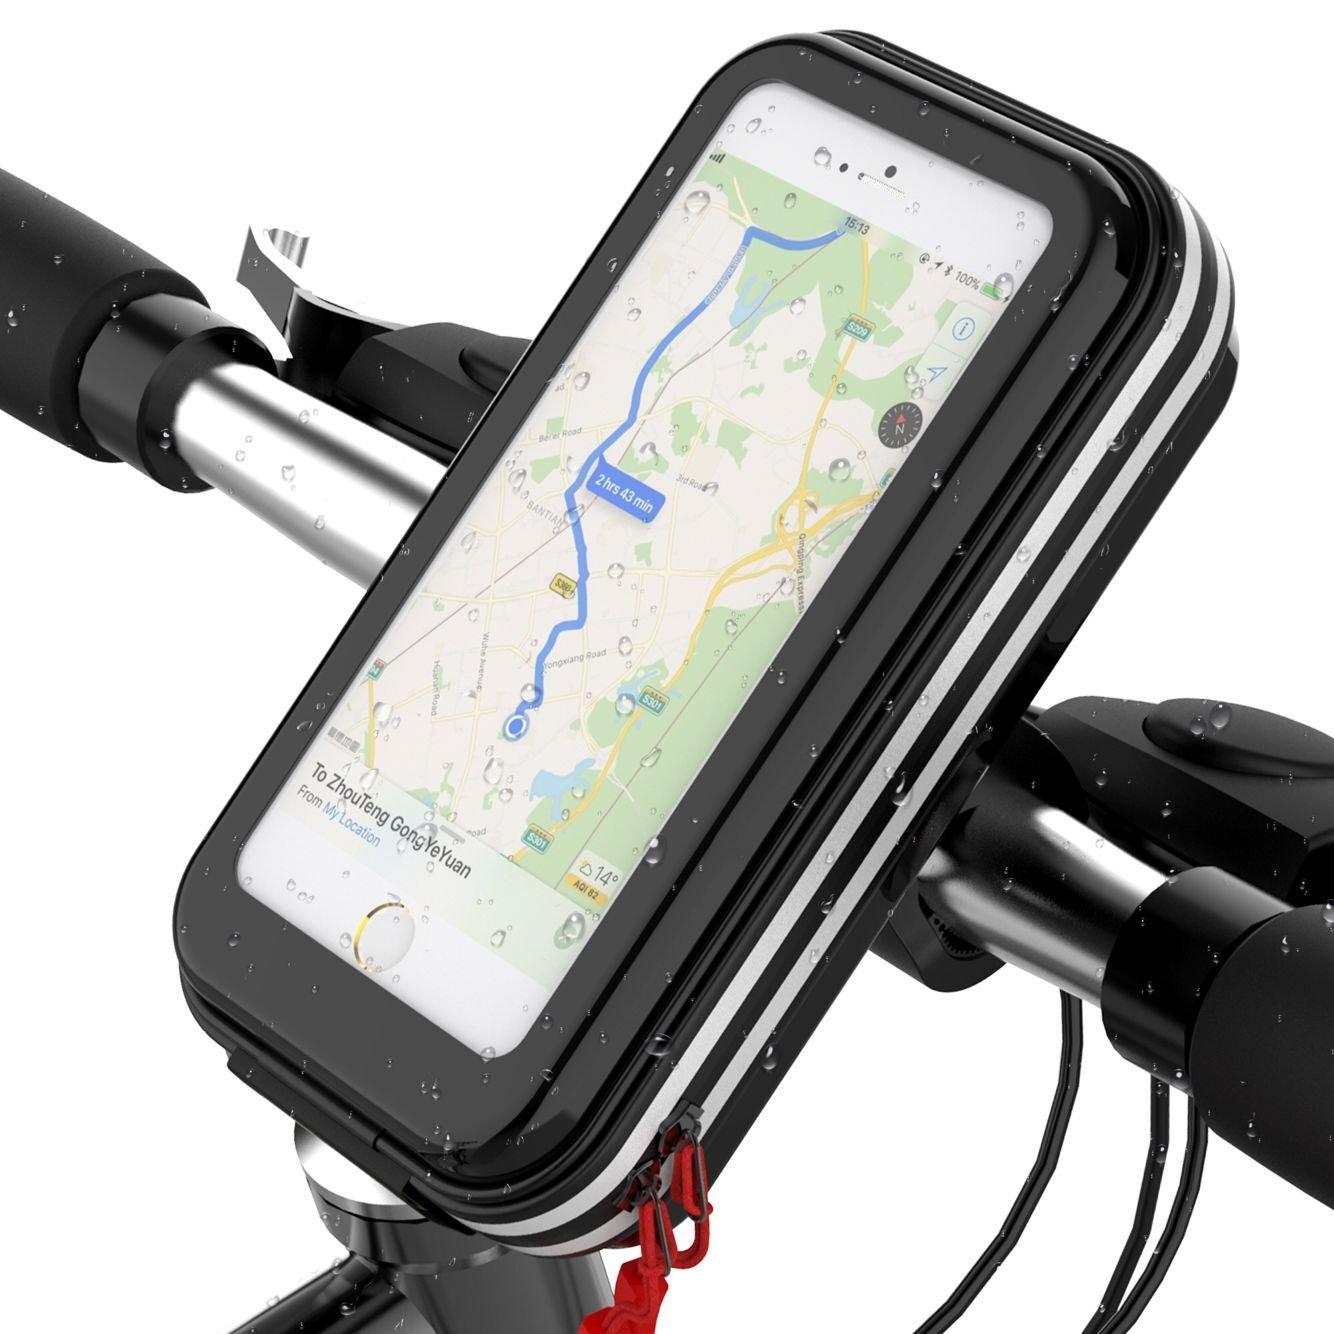 Borse Bici Antiurto Bicicletta Borsa da Manubrio Porta Telefono per Bicicletta, Impermeabile Supporto Bici Smartphone per iPhone 8/7/6 Plus Samsung S9/8/7 Rotabile a 360 Gradi Lovicool